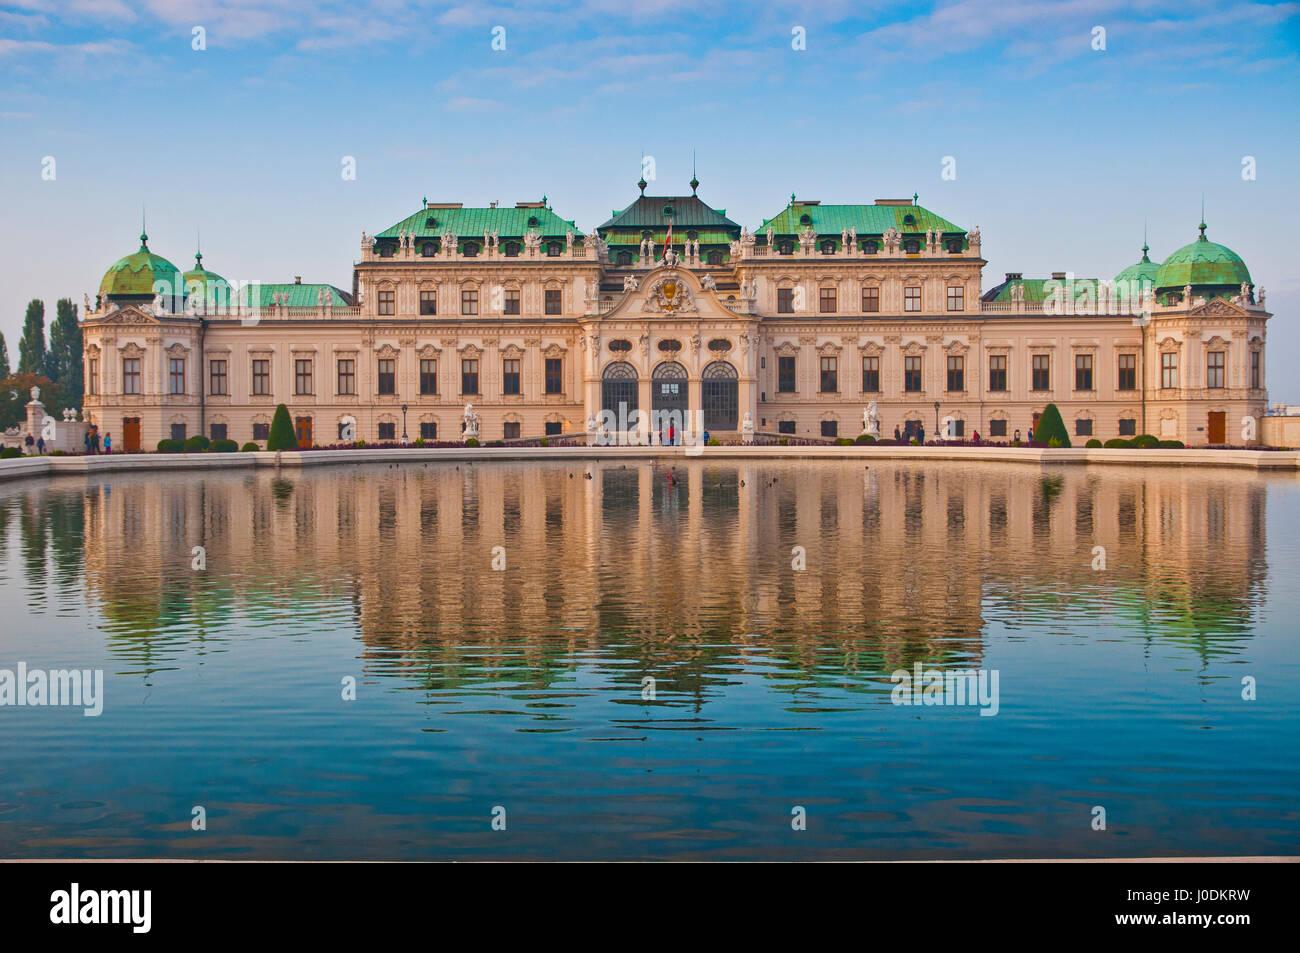 Bellissima vista sul palazzo Schoenbrunn in Vienna, Austria. Immagini Stock